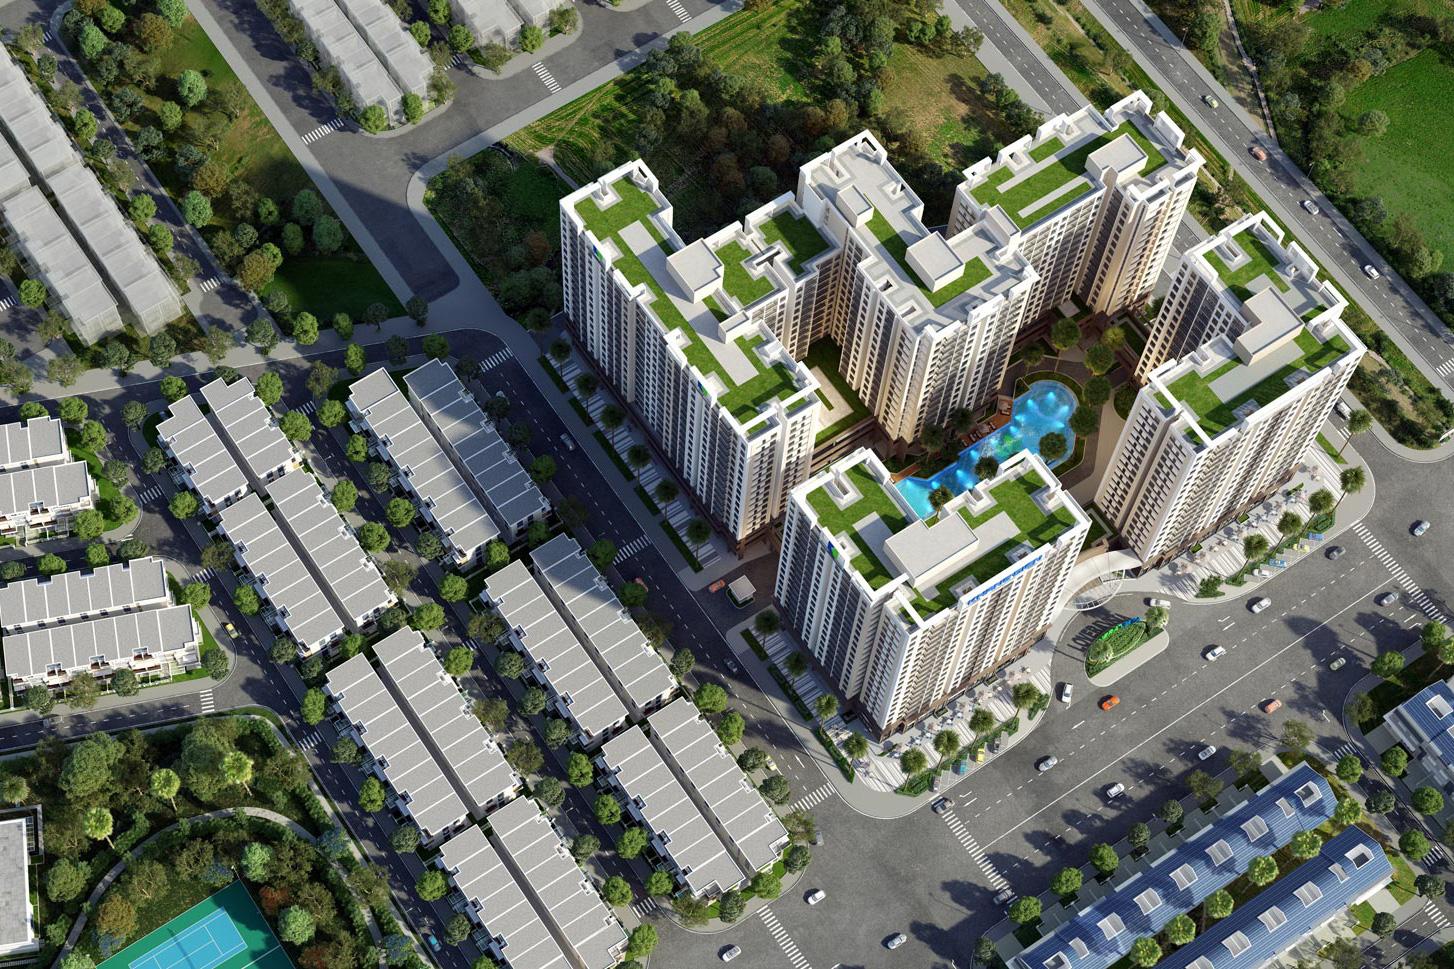 Hai dự án ở khu Đông trong 2021 dự báo sẽ mang lại doanh số lớn cho Khang Điền